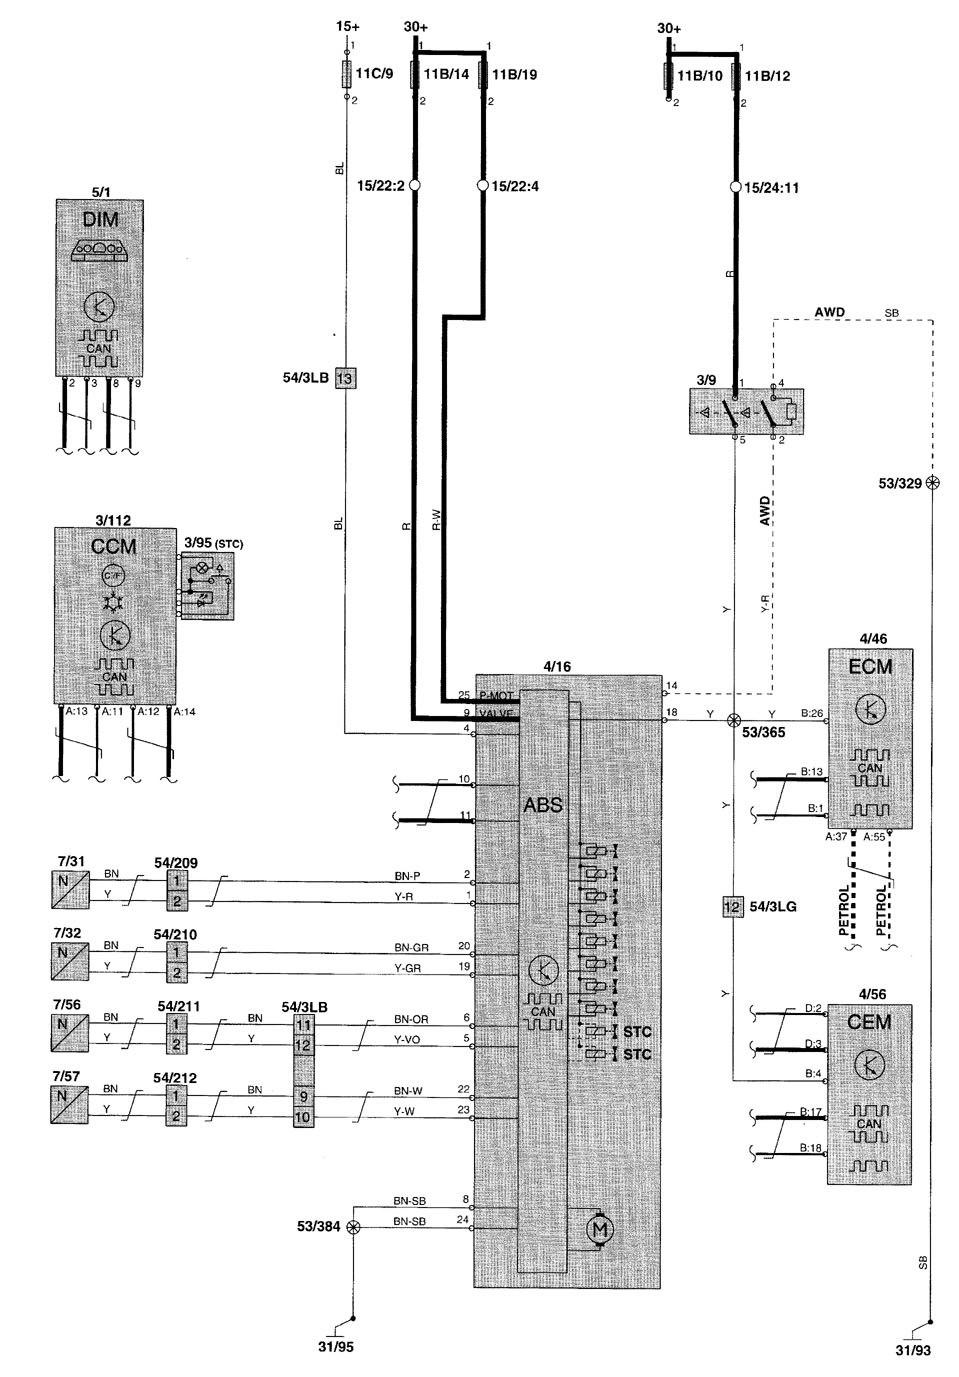 Volvo V70  2001  - Wiring Diagrams